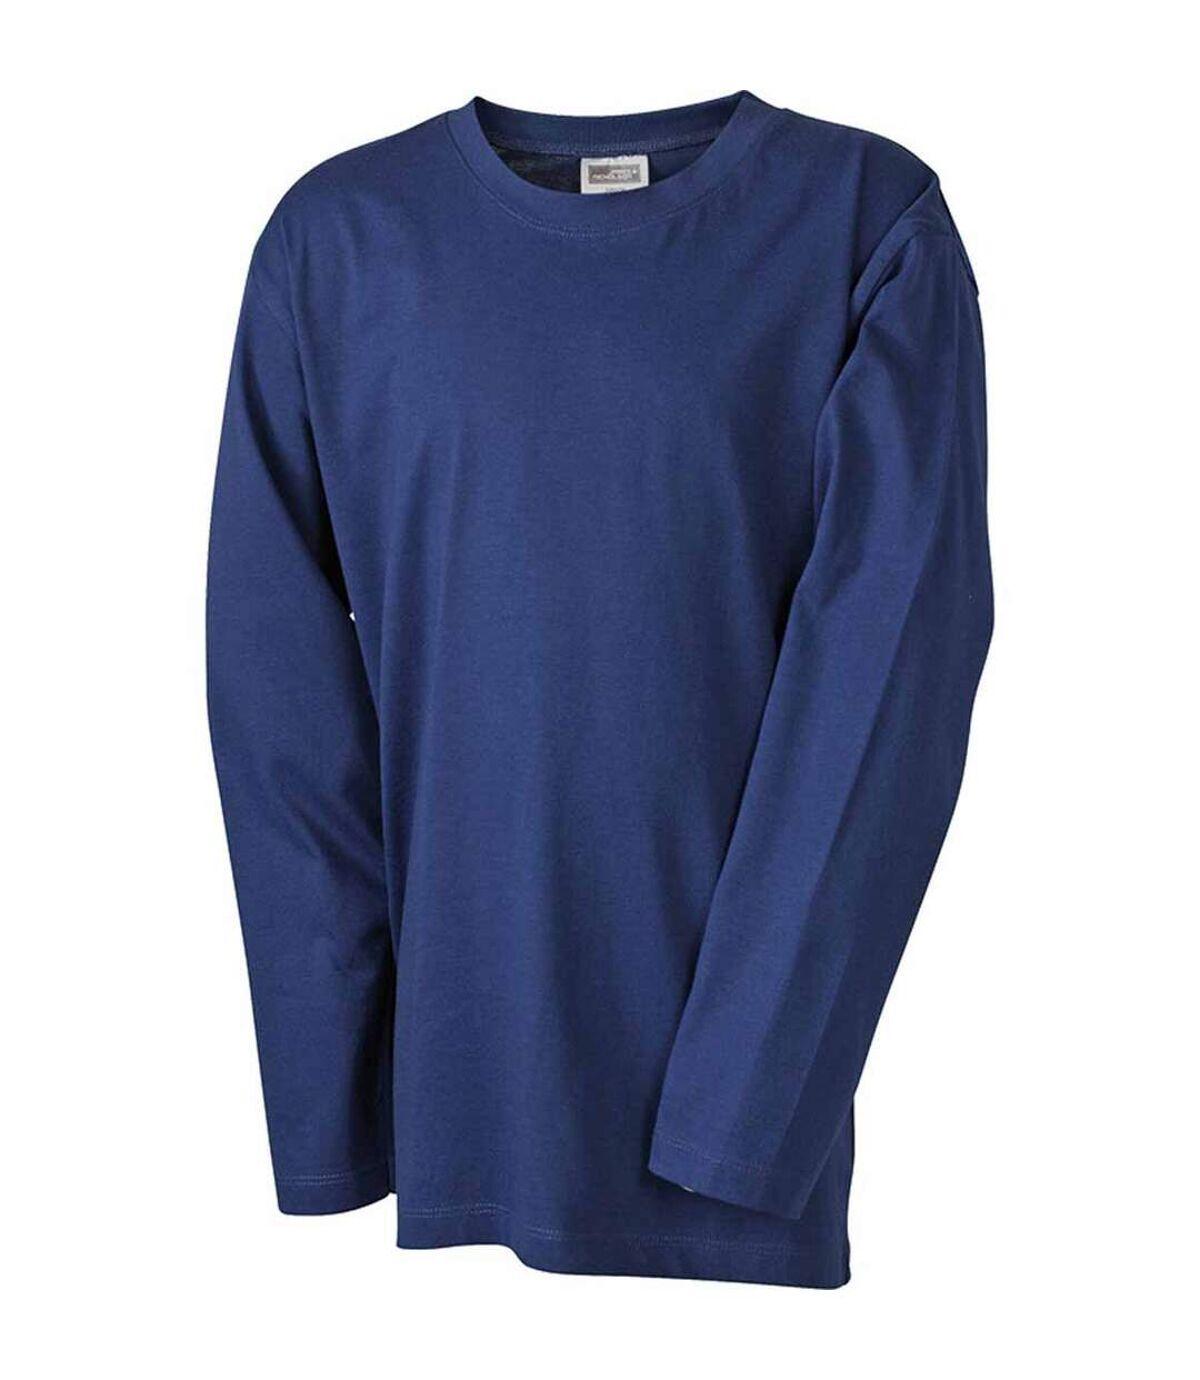 T-shirt manches longues adulte homme coupe droite JN913 - bleu marine